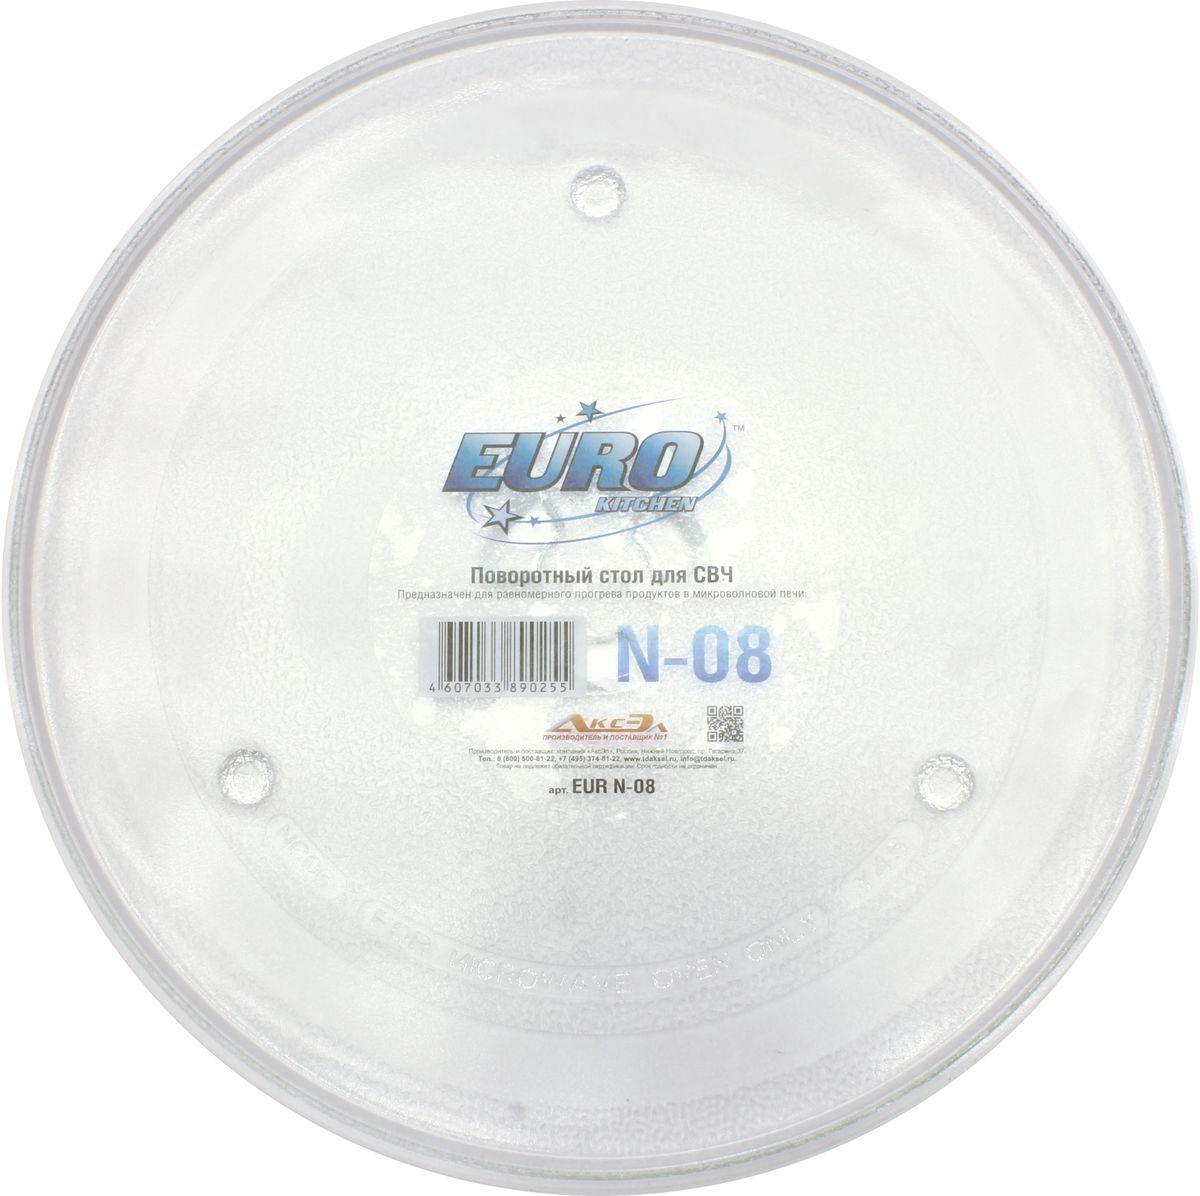 Euro Kitchen N-08 тарелка для СВЧ